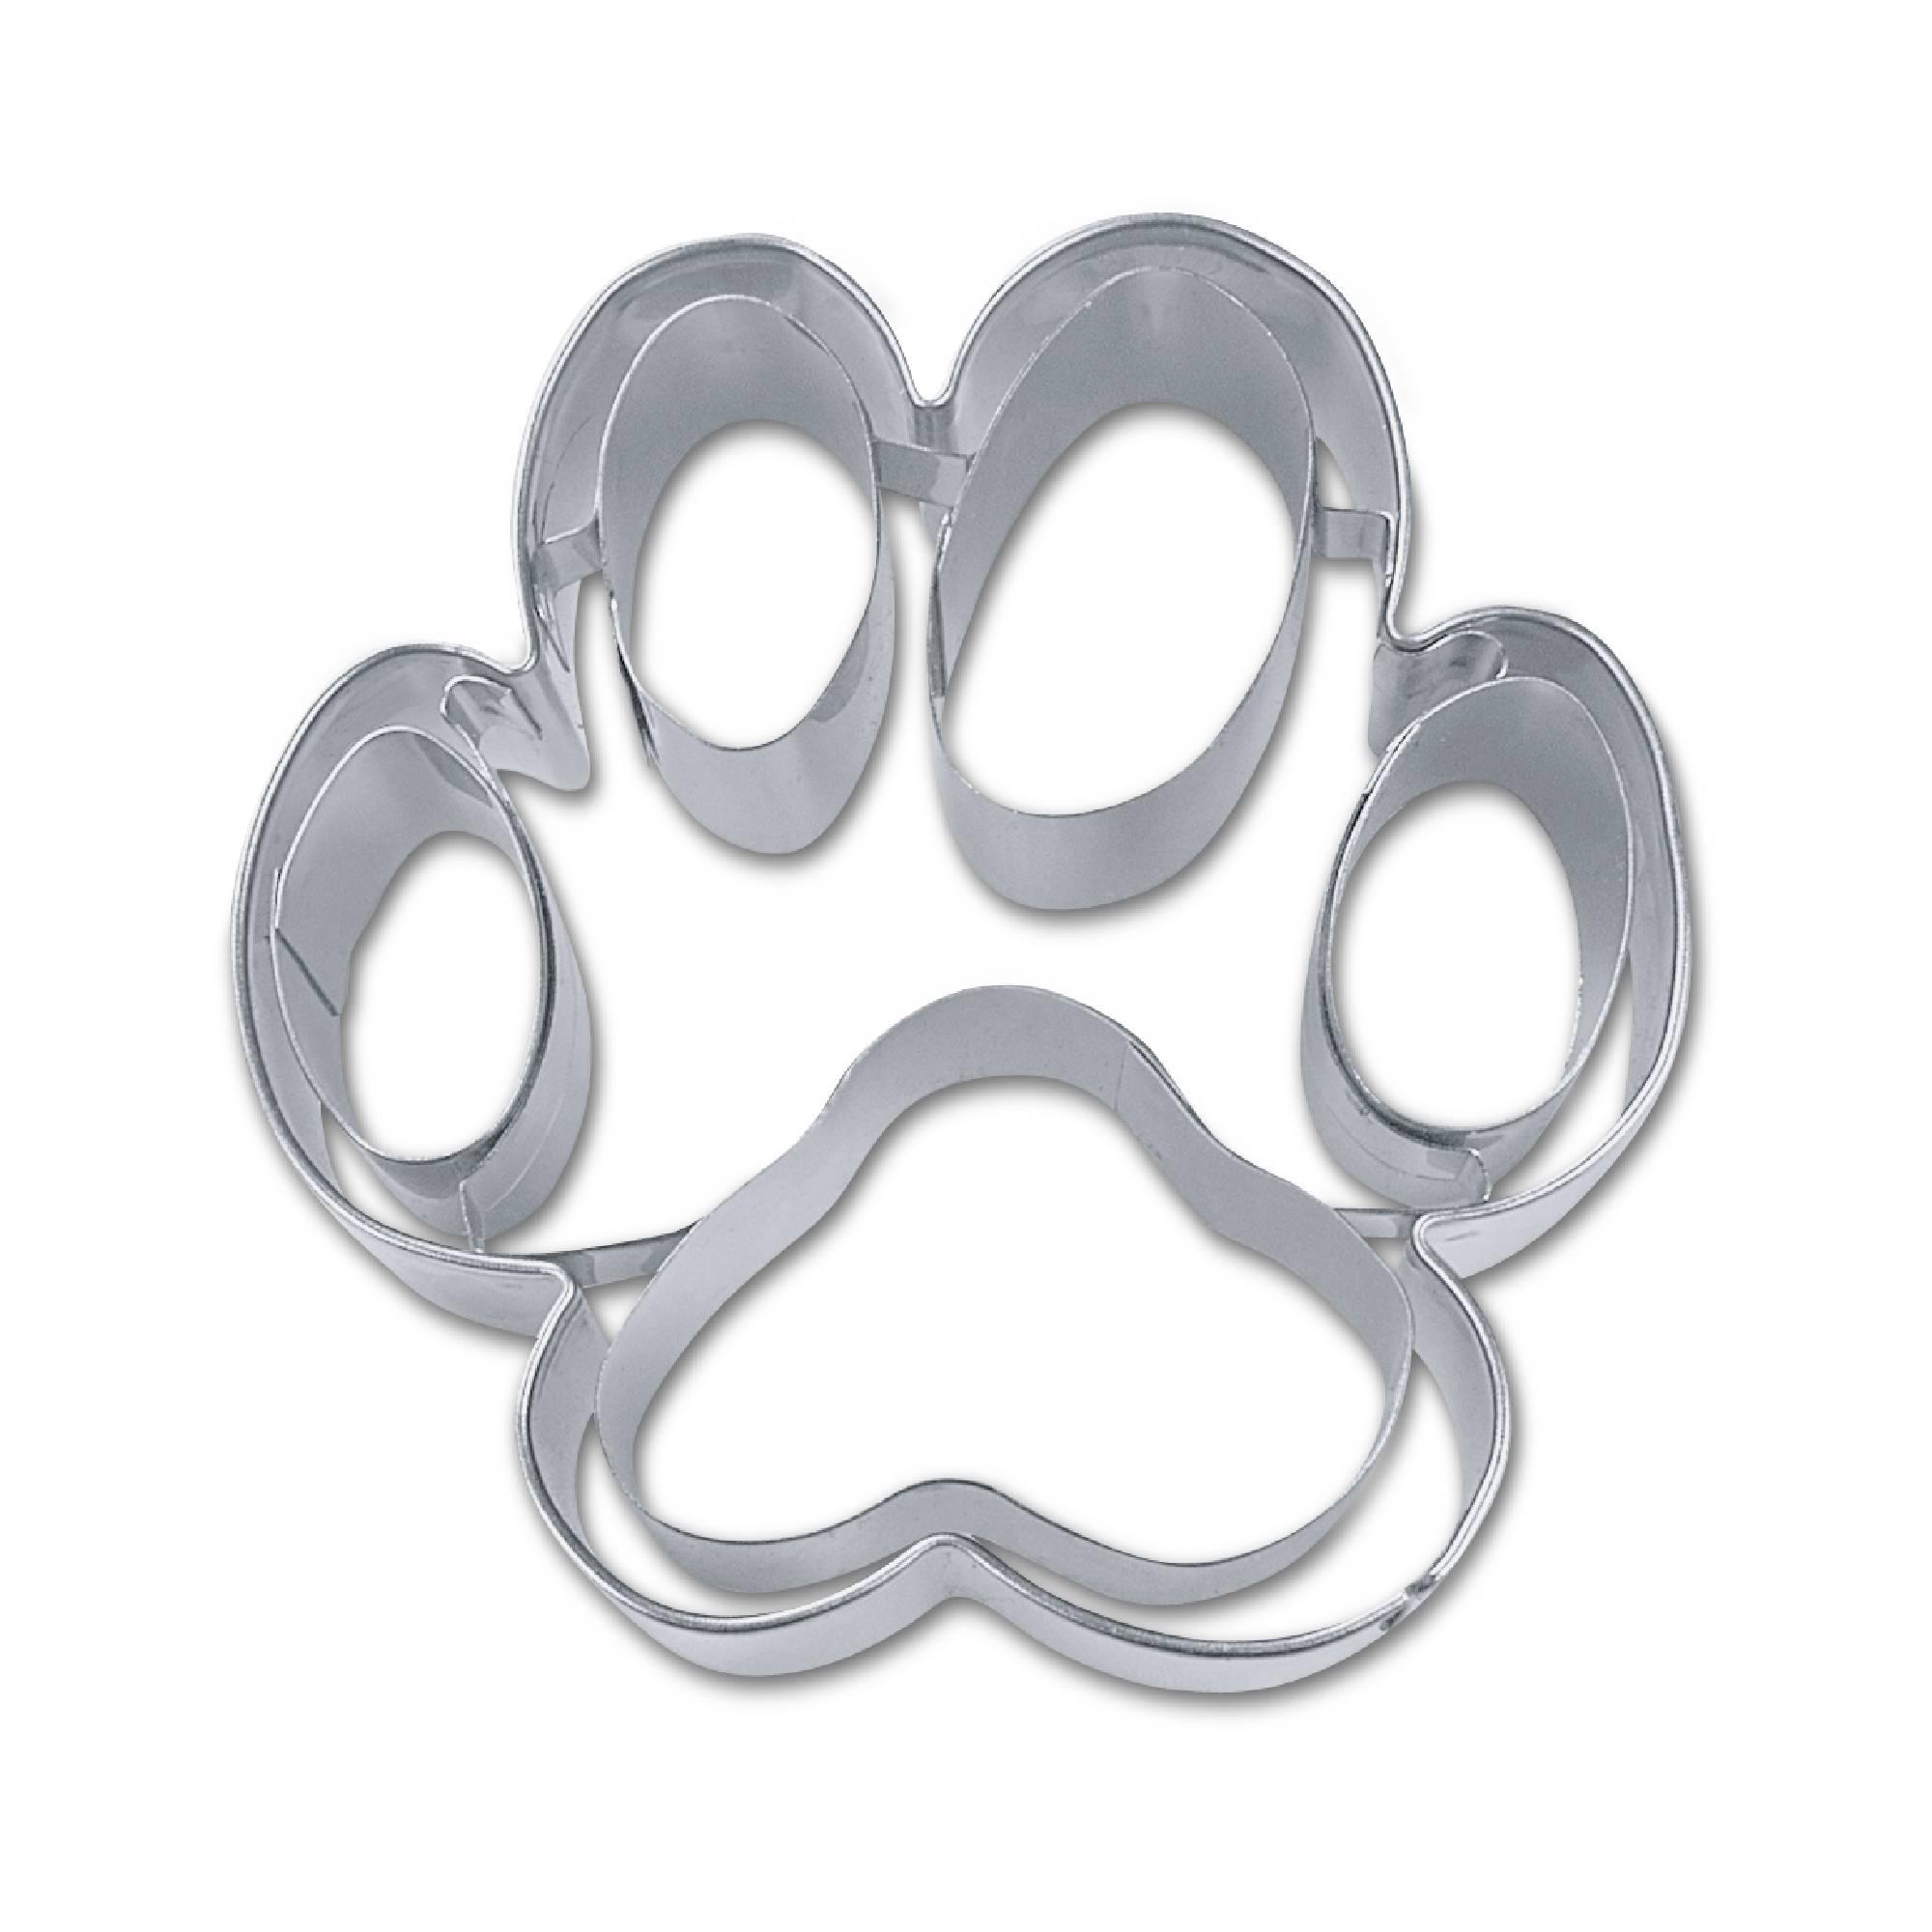 Ausstecher Hundepfote 7,5 cm